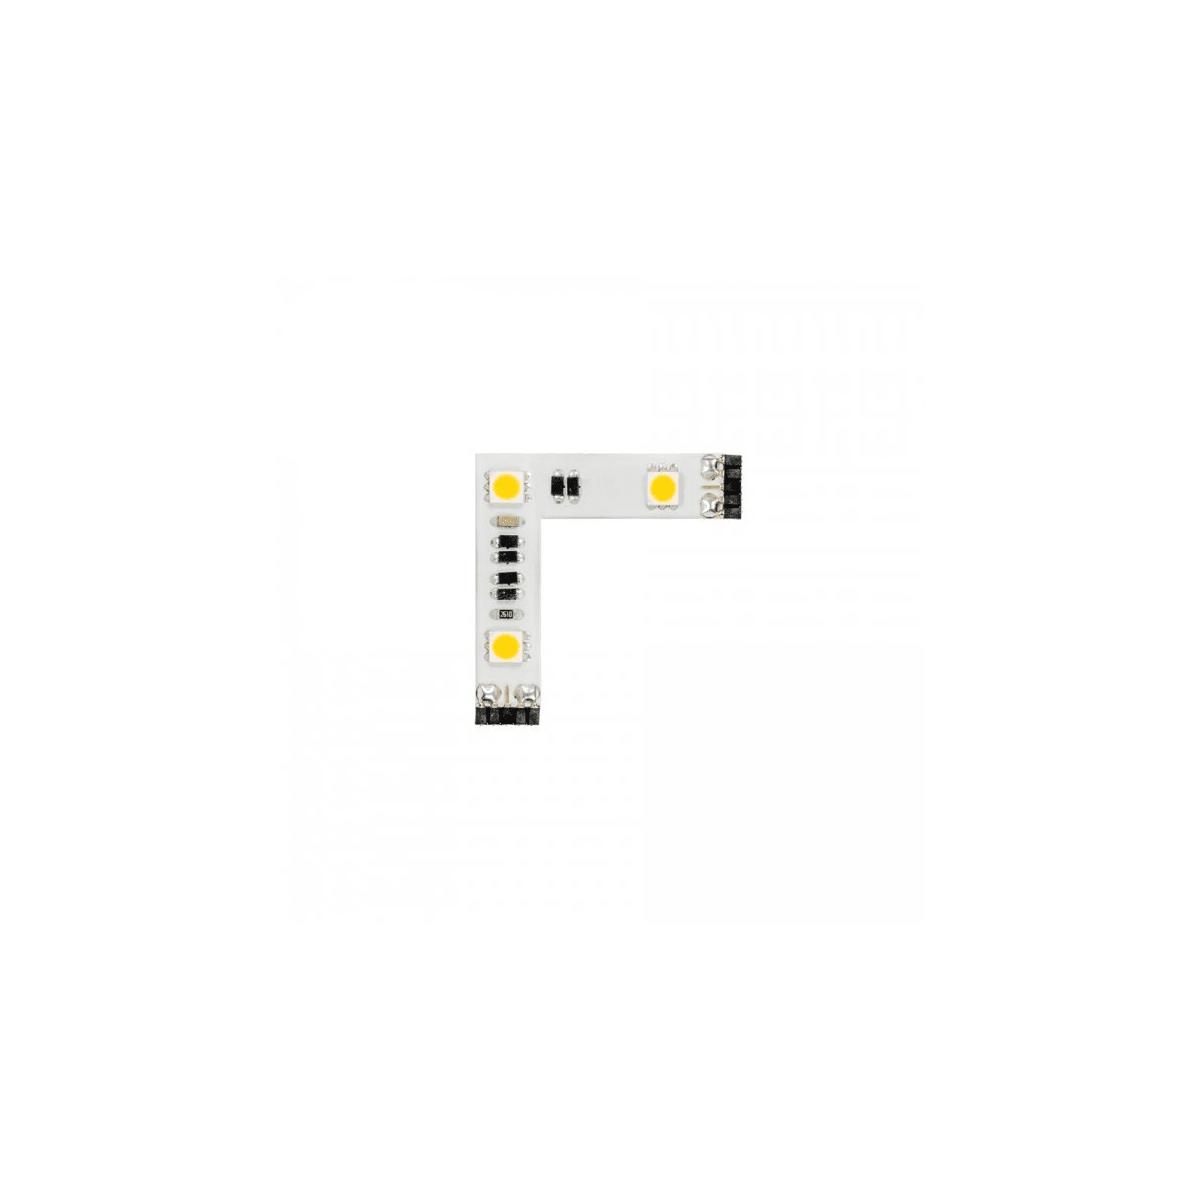 LED-T24P-5-WT WAC Lighting 5 Foot 3000K White InvisiLED Pro